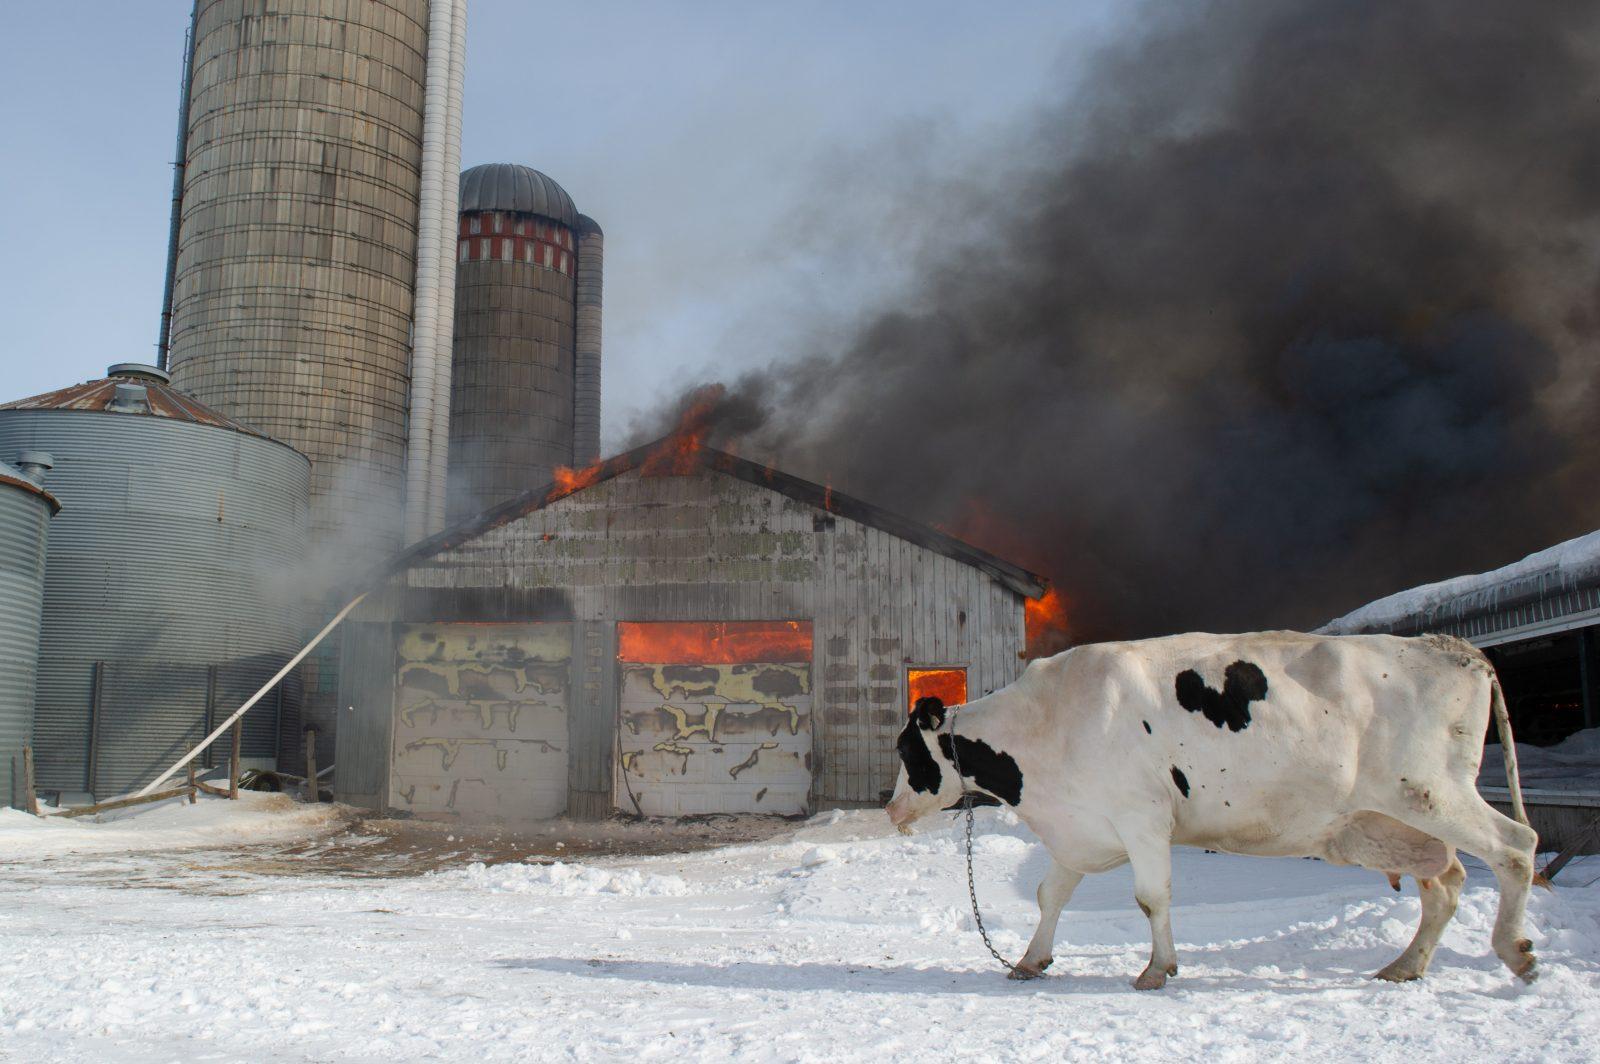 Des vaches et des veaux sauvés d'un incendie (photos/vidéo)